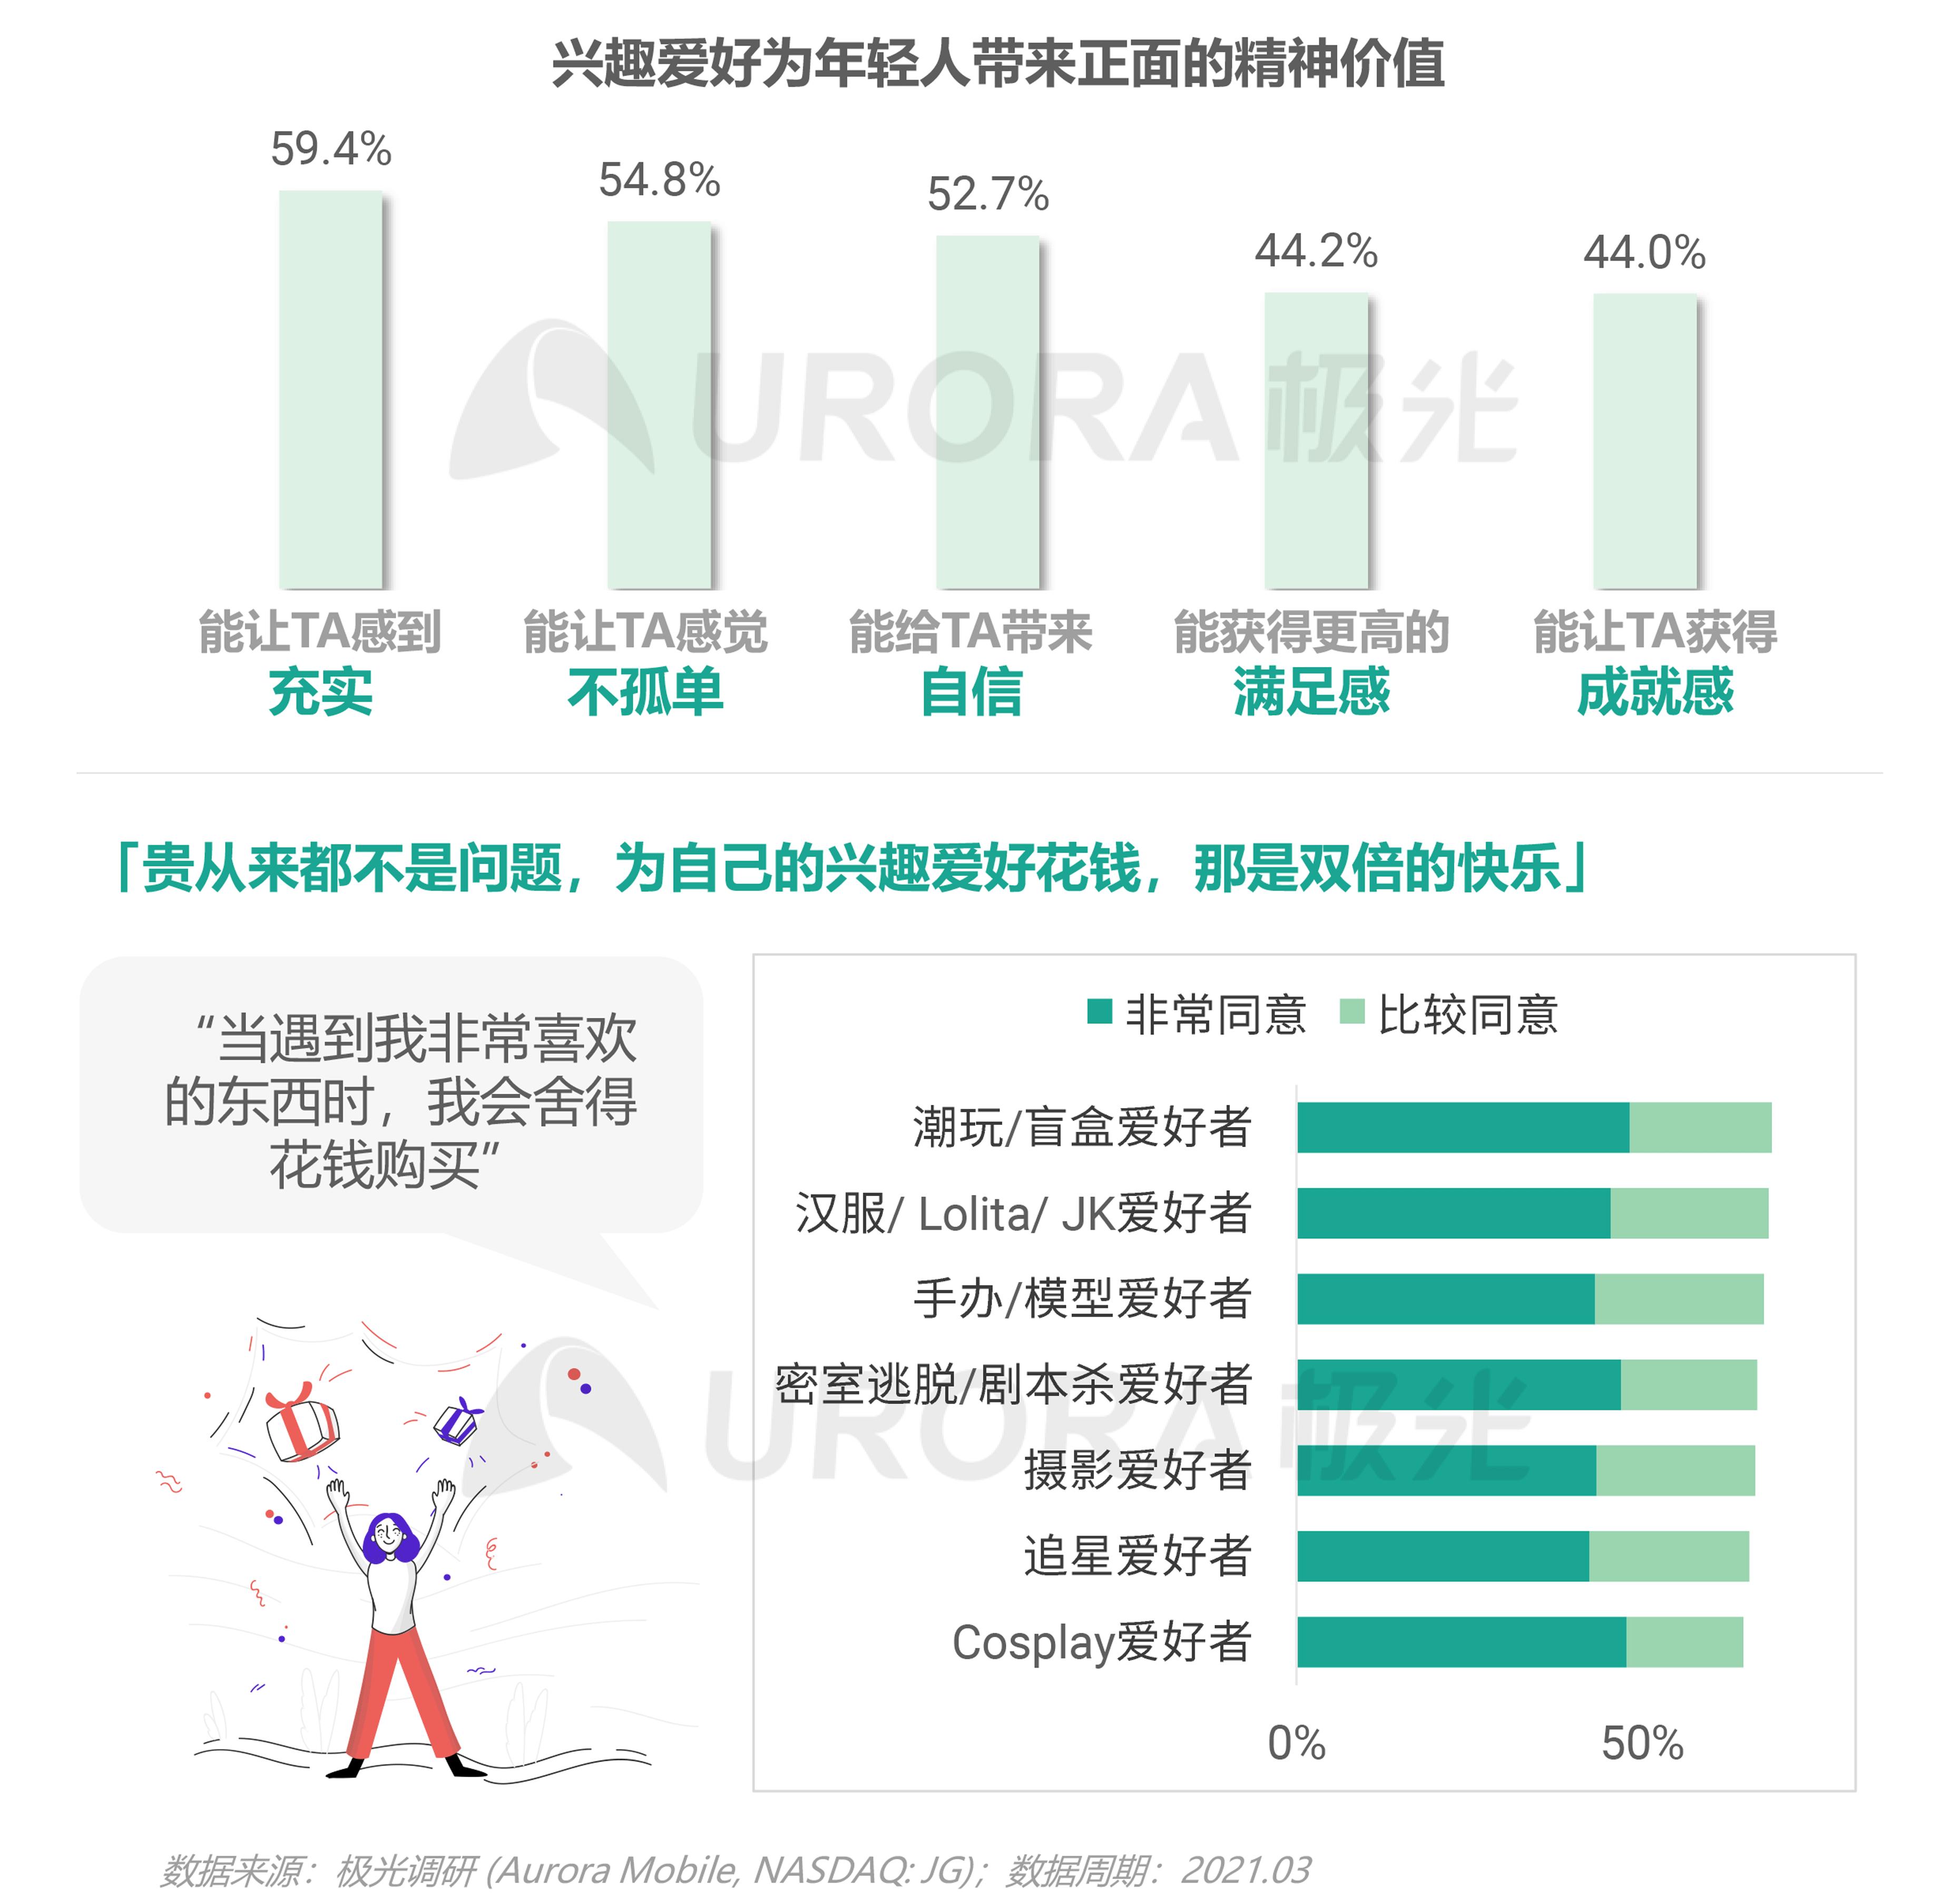 2021年轻人营销趋势研究报告【定稿】-25.png